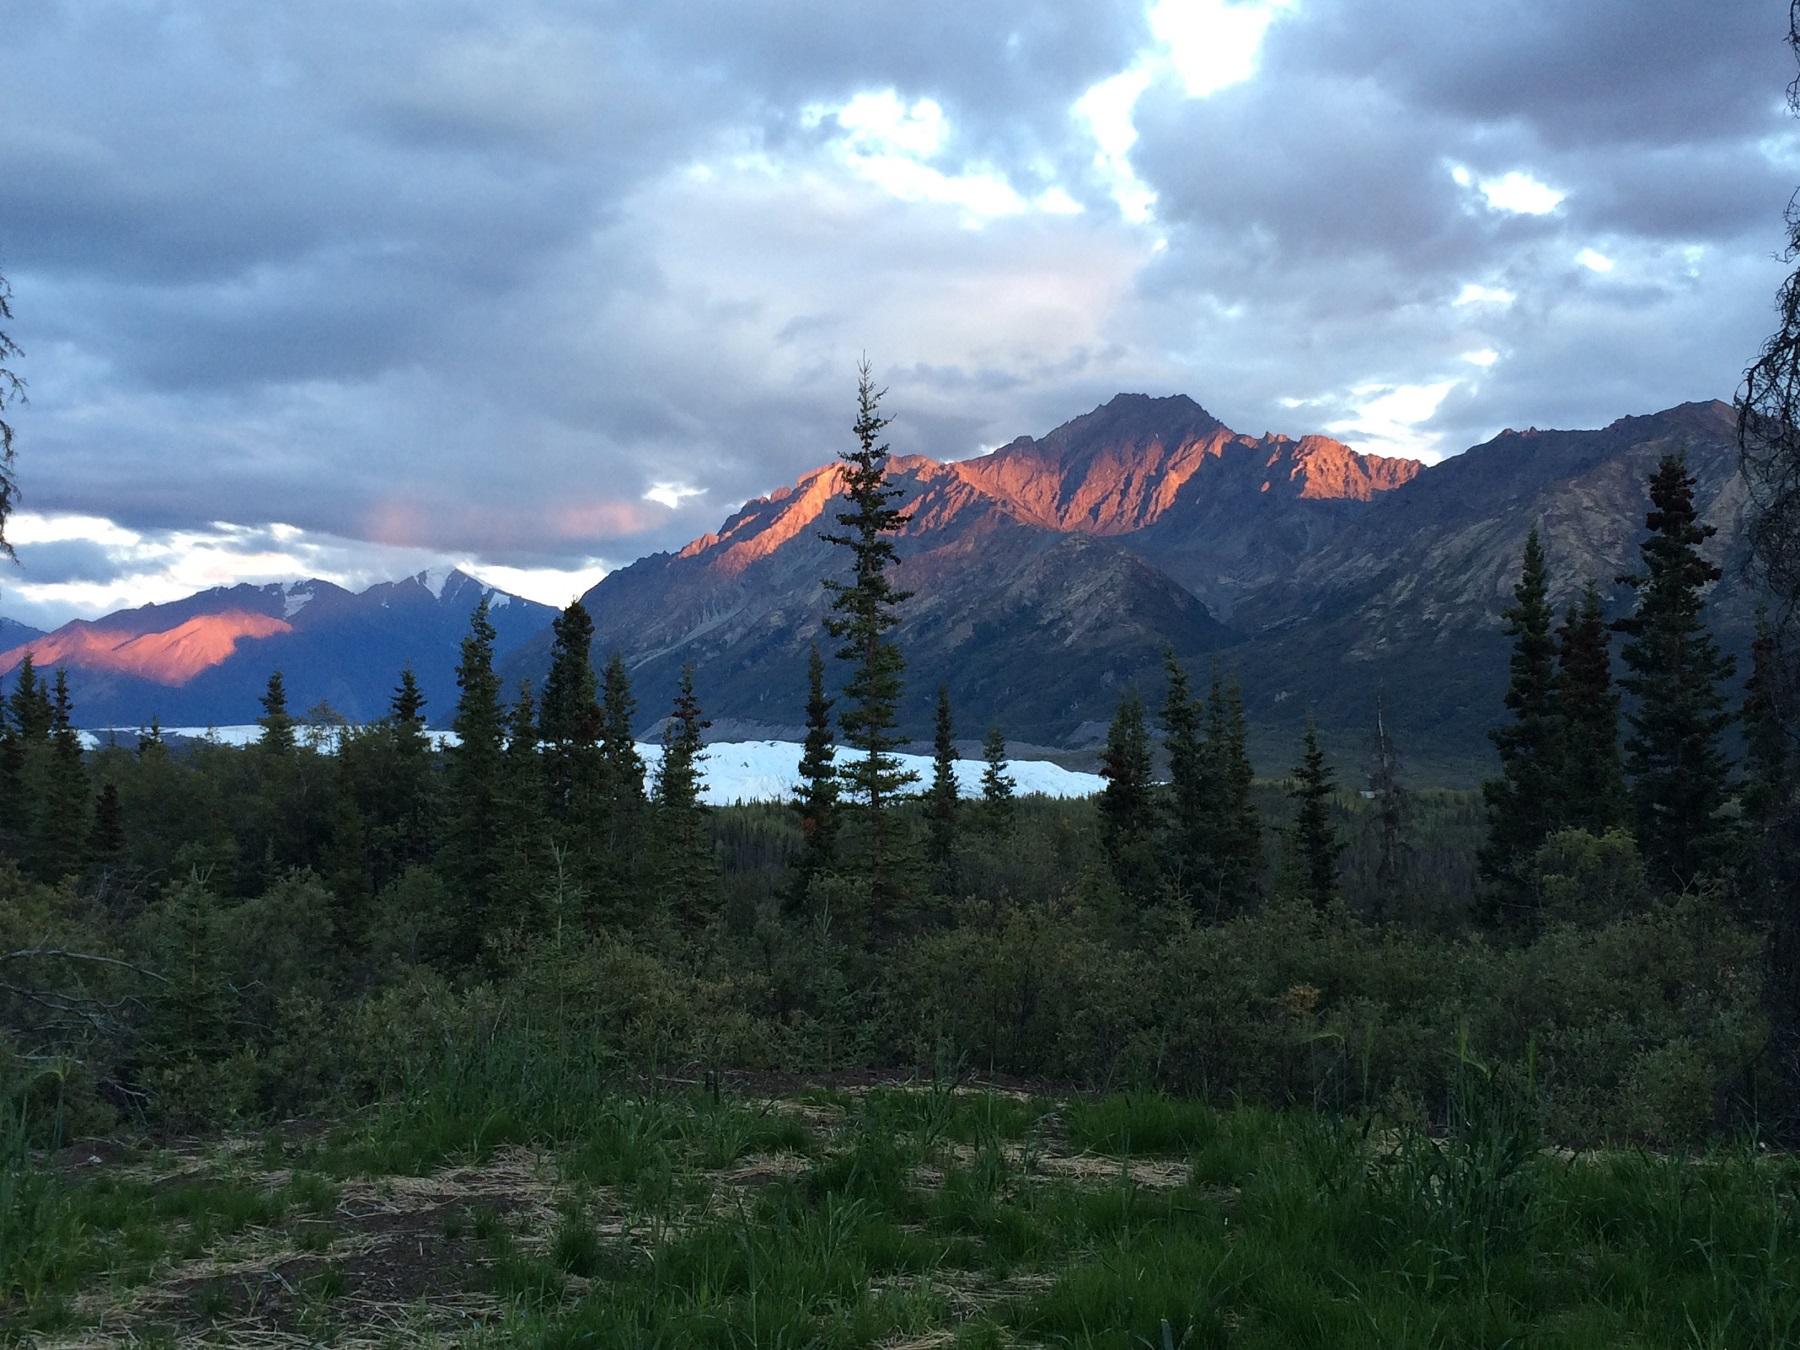 Alpenglow: An Optical Phenomenon